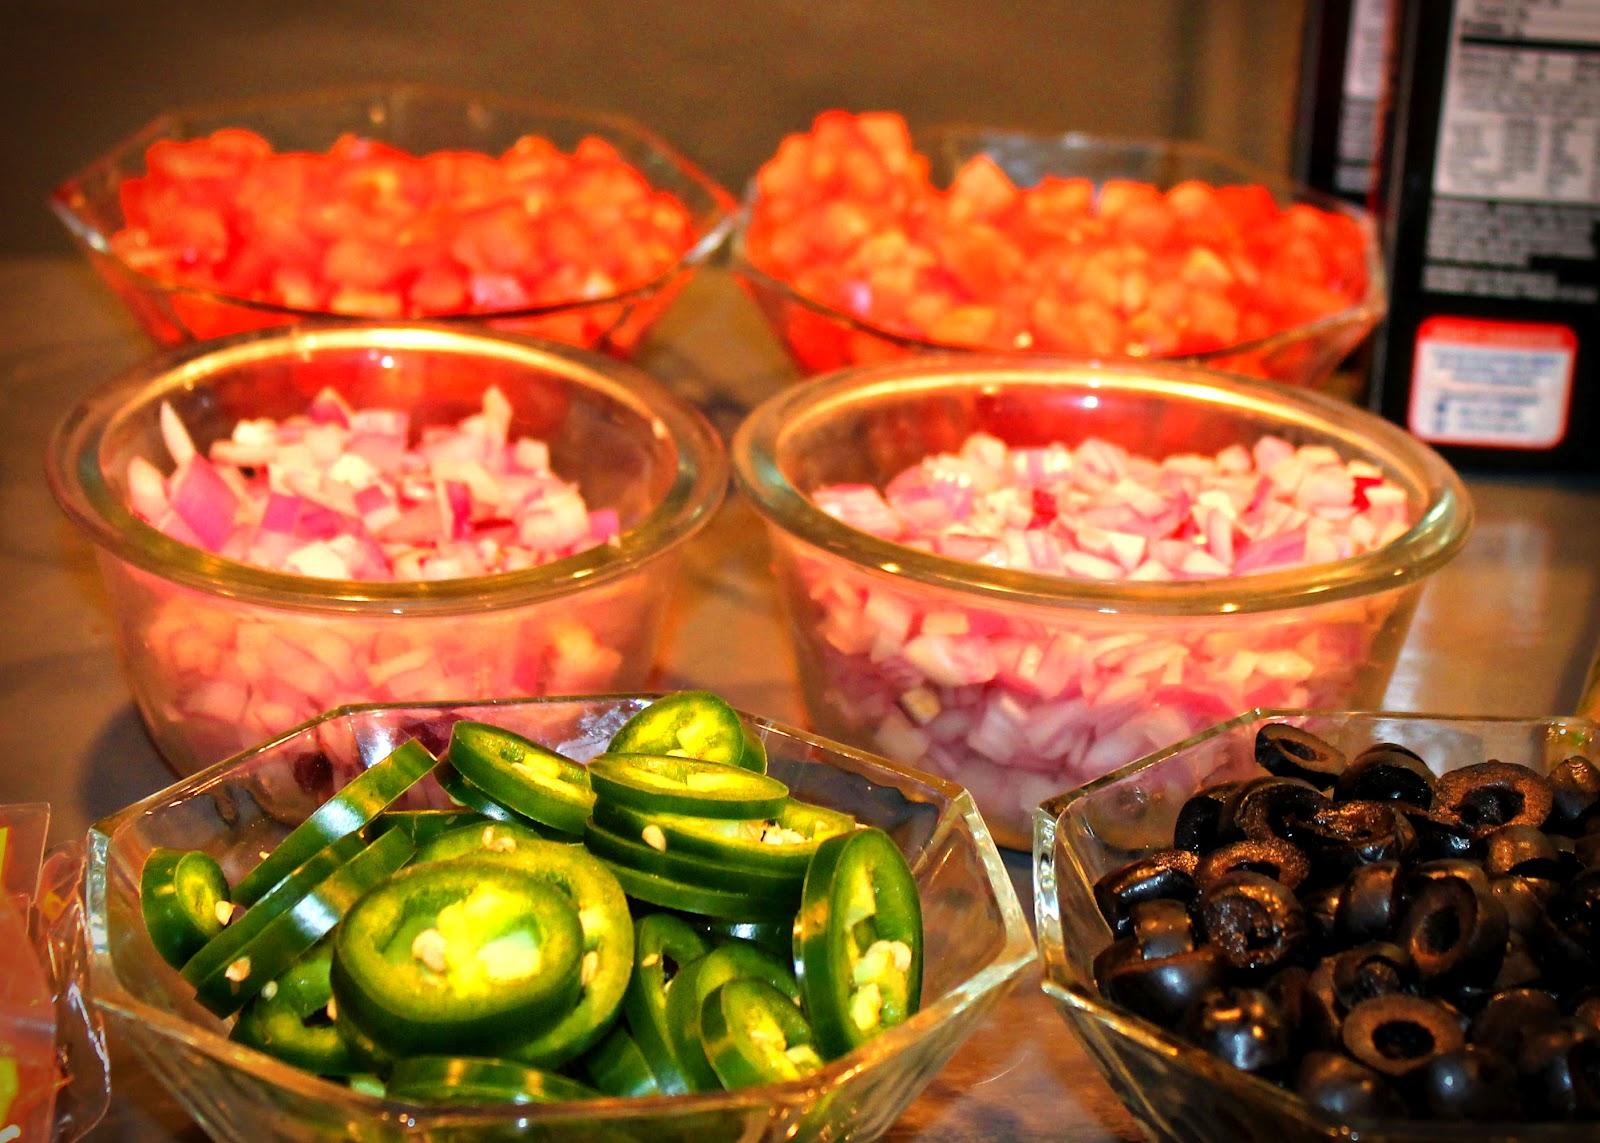 My Crafty Soul: Sunday Football Week 2: Taco/Nacho Bar